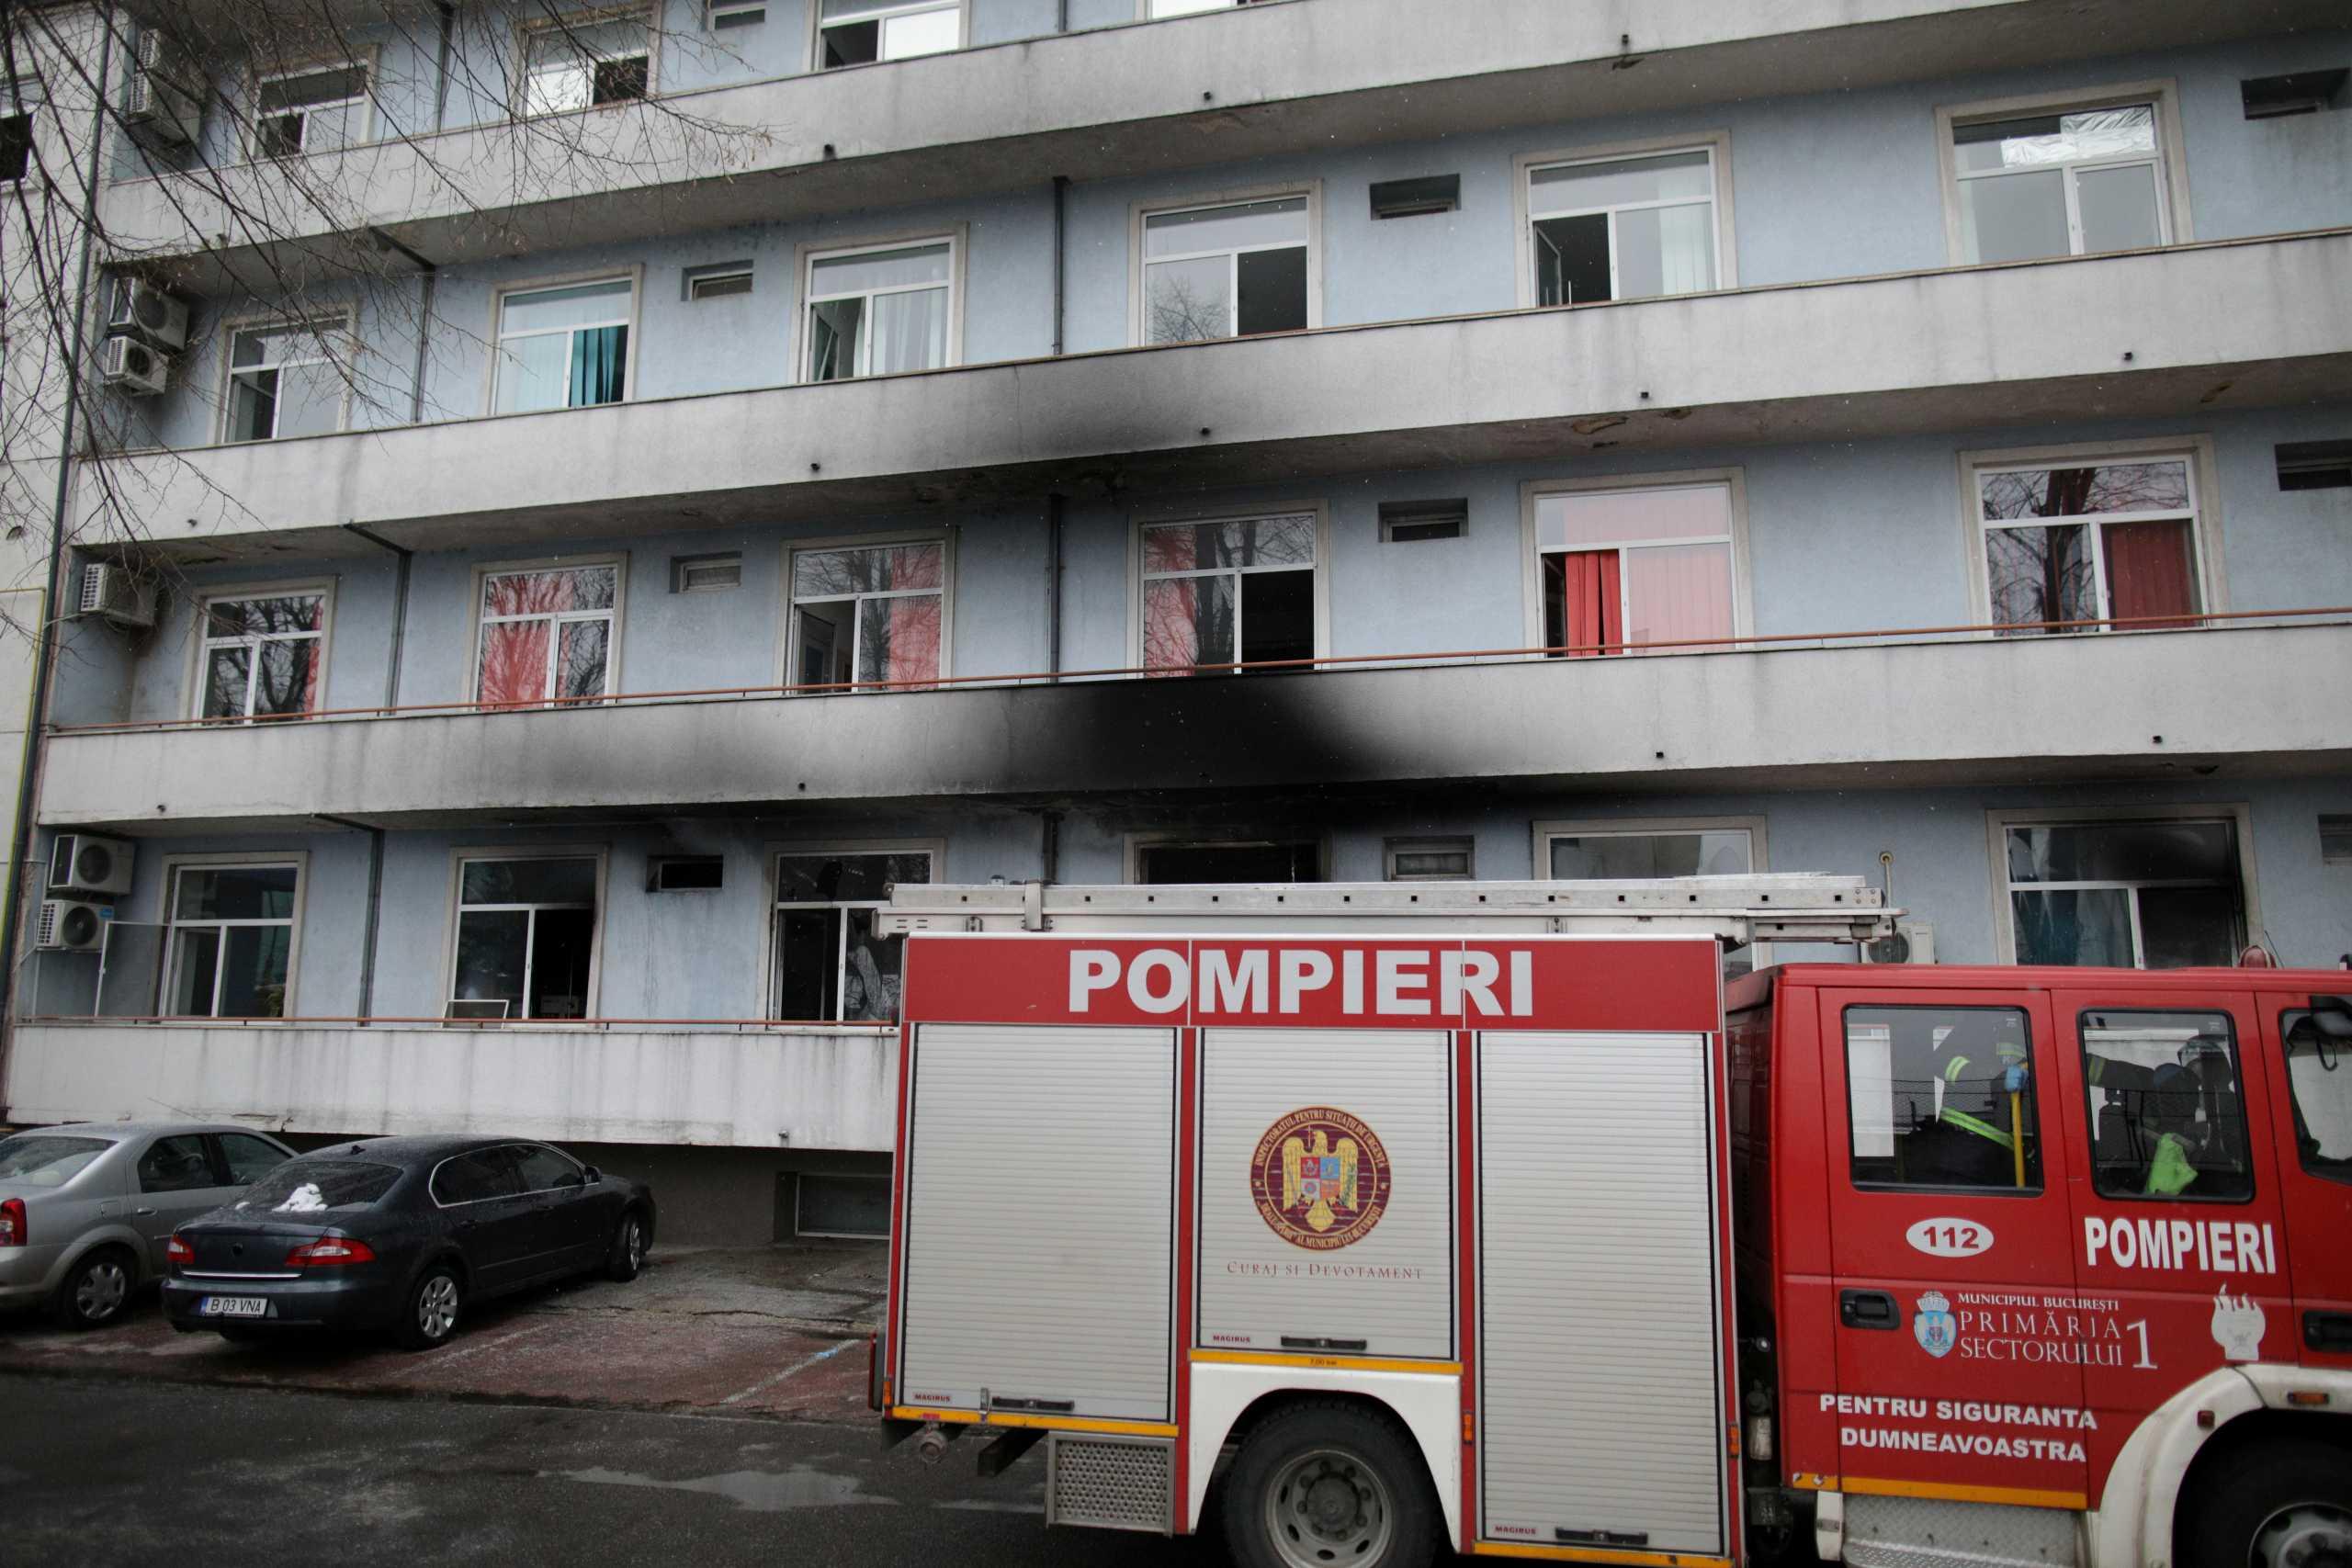 Πέντε οι νεκροί από τη φωτιά σε νοσοκομείο στη Ρουμανία